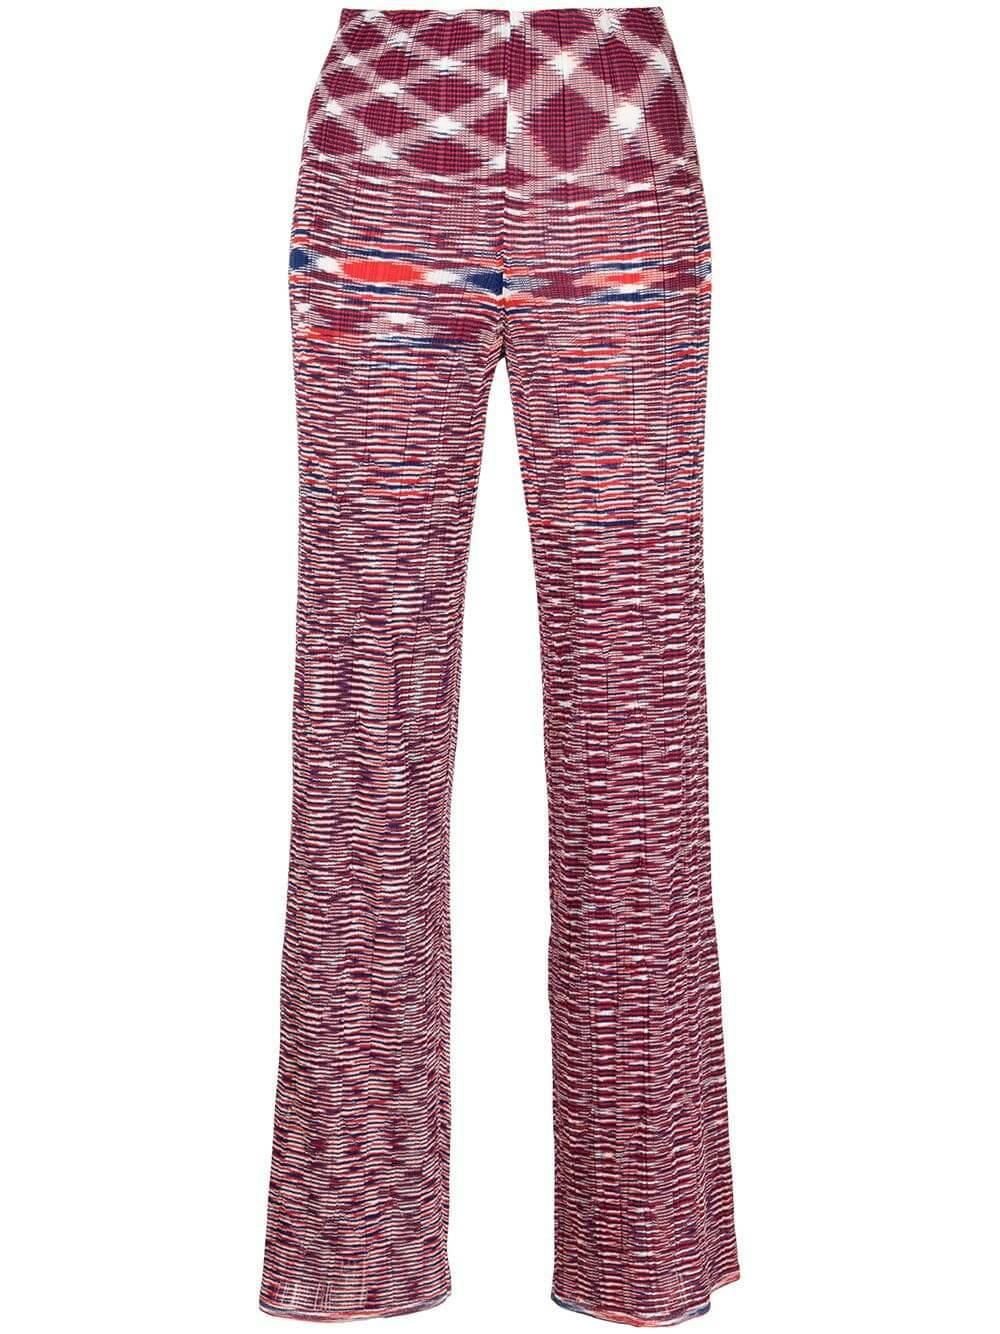 Knit Pant Item # MDI00314-BK00V8